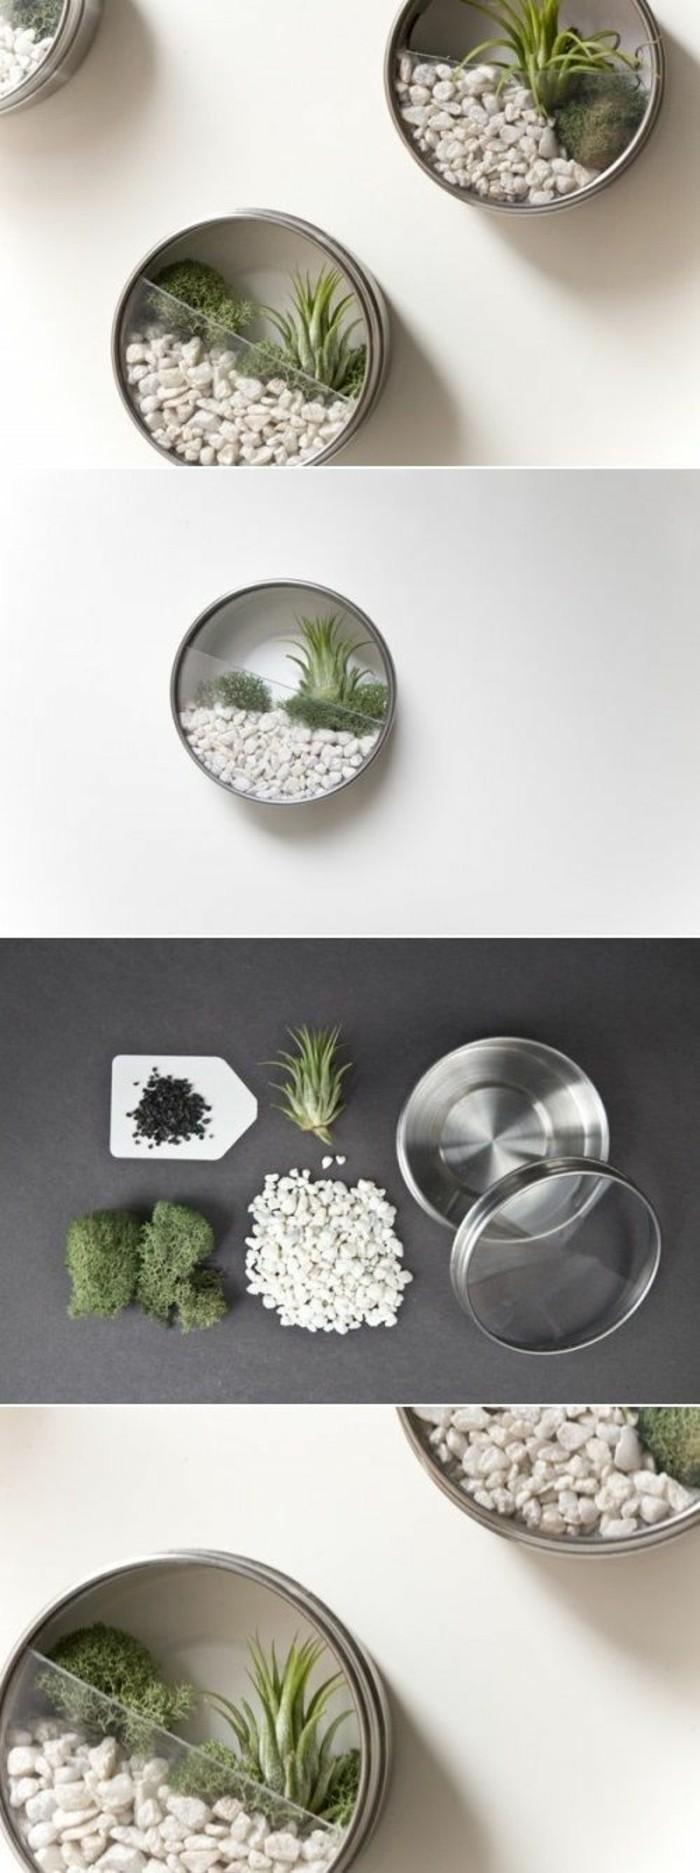 idée comment créer un mini terrarium facile, bricolage avec canette, recycler une boîte de conserve aluminium